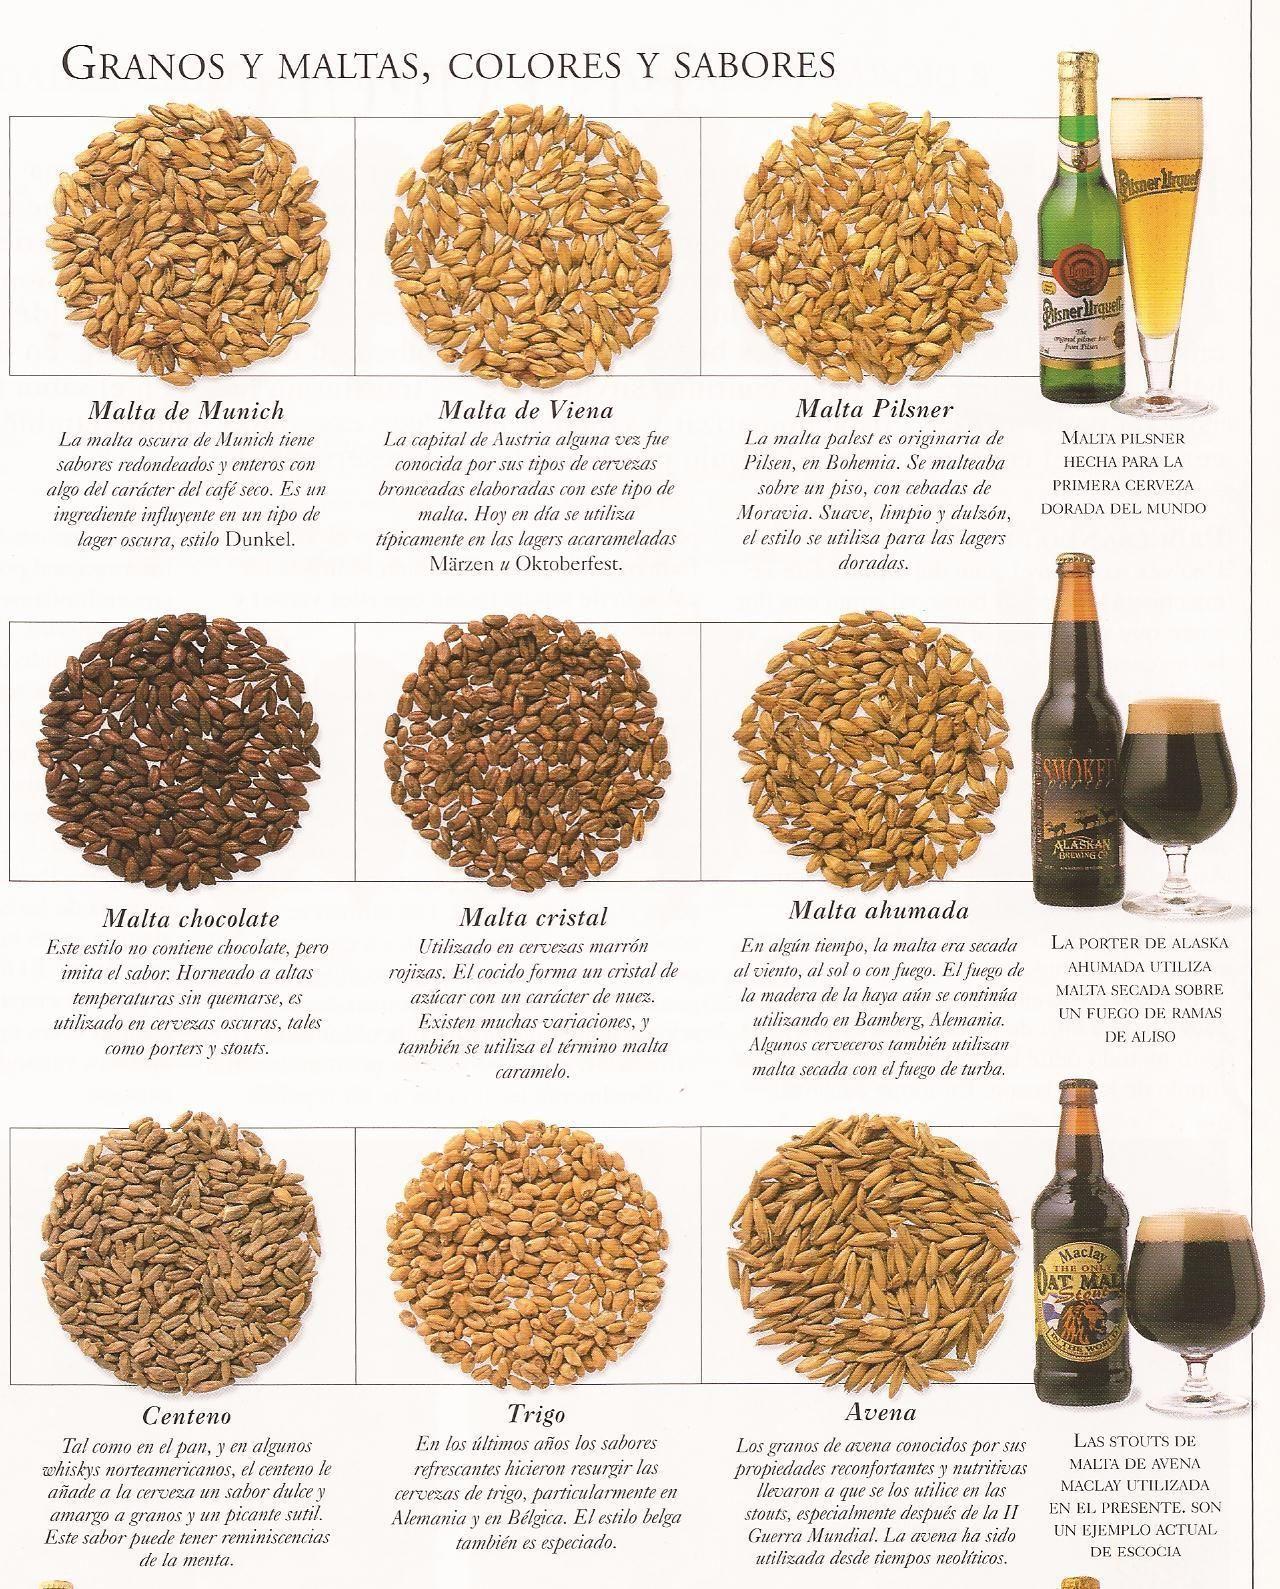 3 Granos Y Maltas Cerveza Artesanal Recetas De Cerveza Elaboracion De Cerveza Artesanal